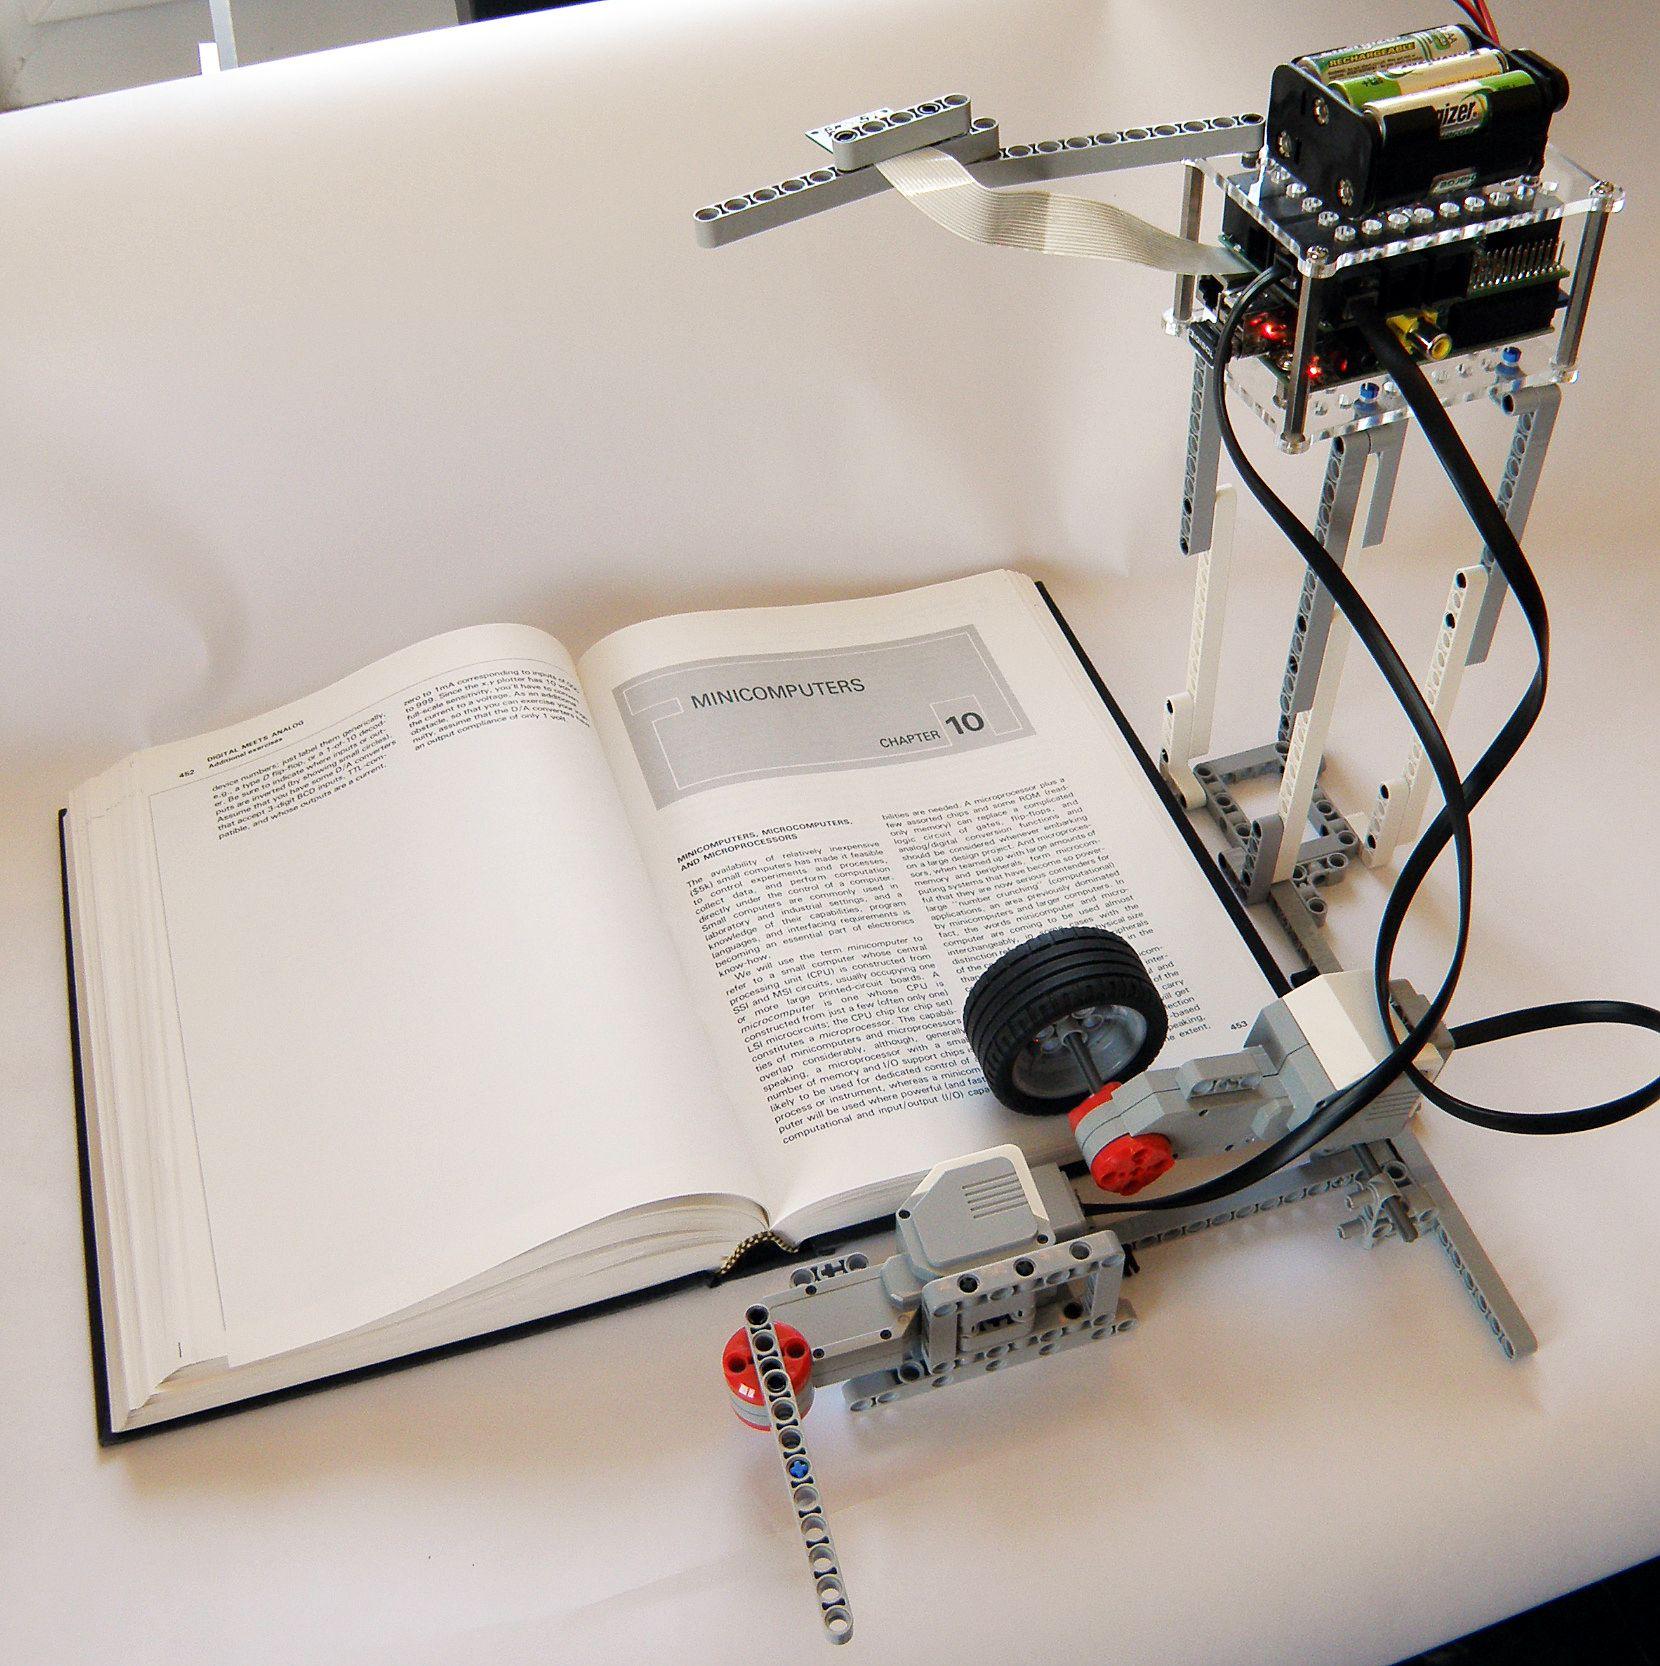 La macchina fotografica è disposta Esattamente Sopra il libro.